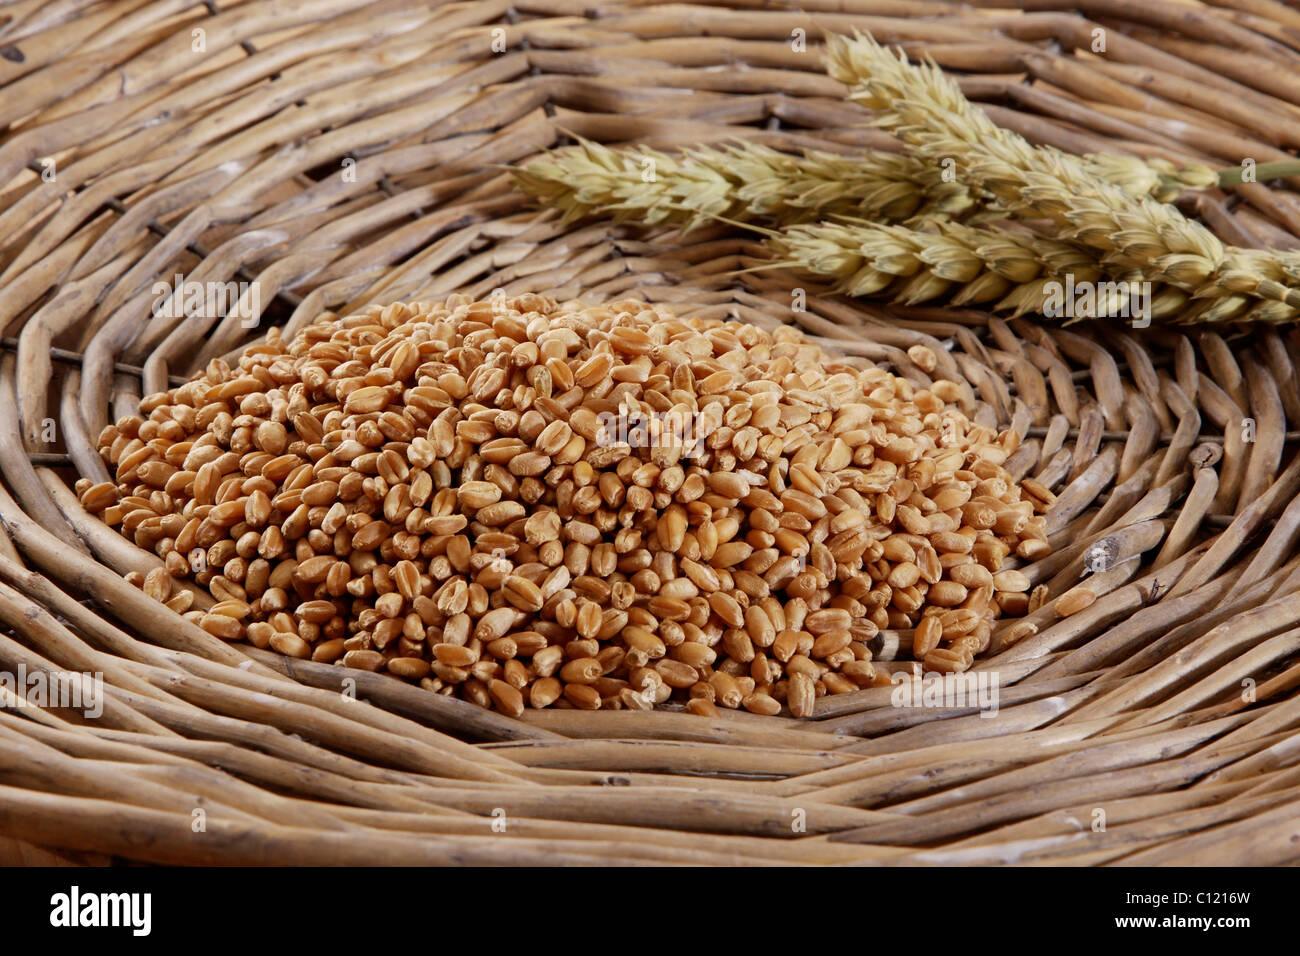 Los granos de trigo (Triticum) trigo con orejas en una cesta tejida Imagen De Stock